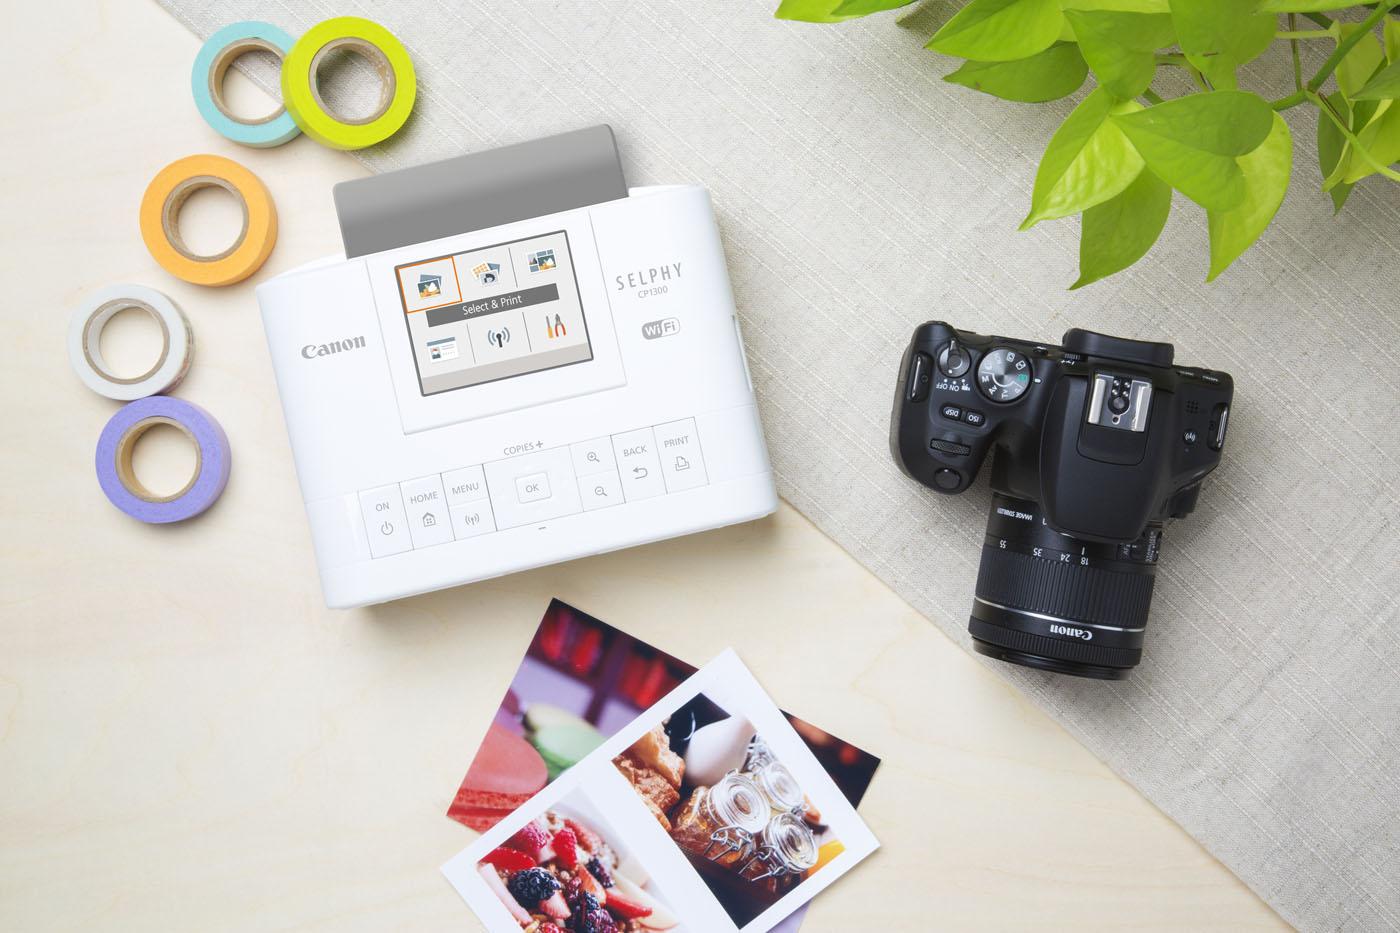 Canon Selphy CP1300 : quoi de neuf sur cette imprimante photo Wifi compacte ?